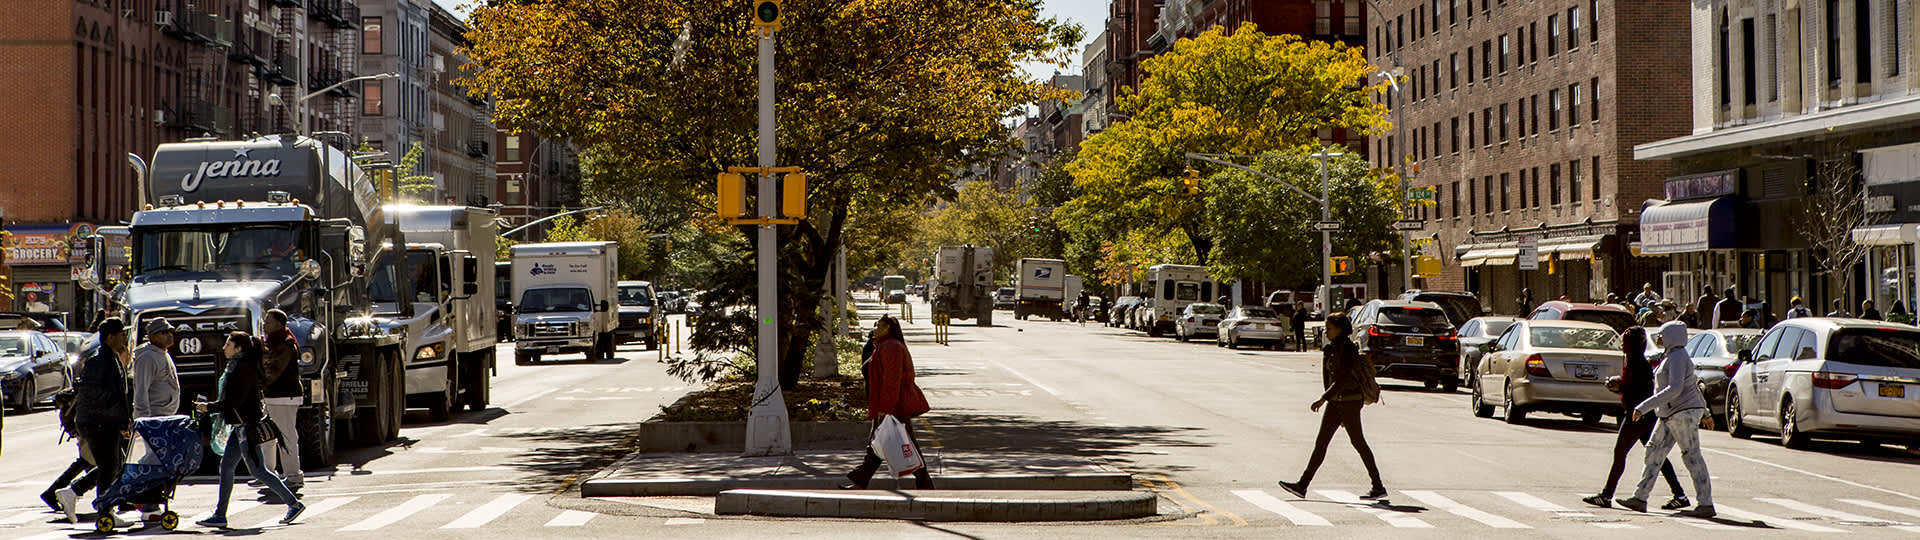 Harlem,